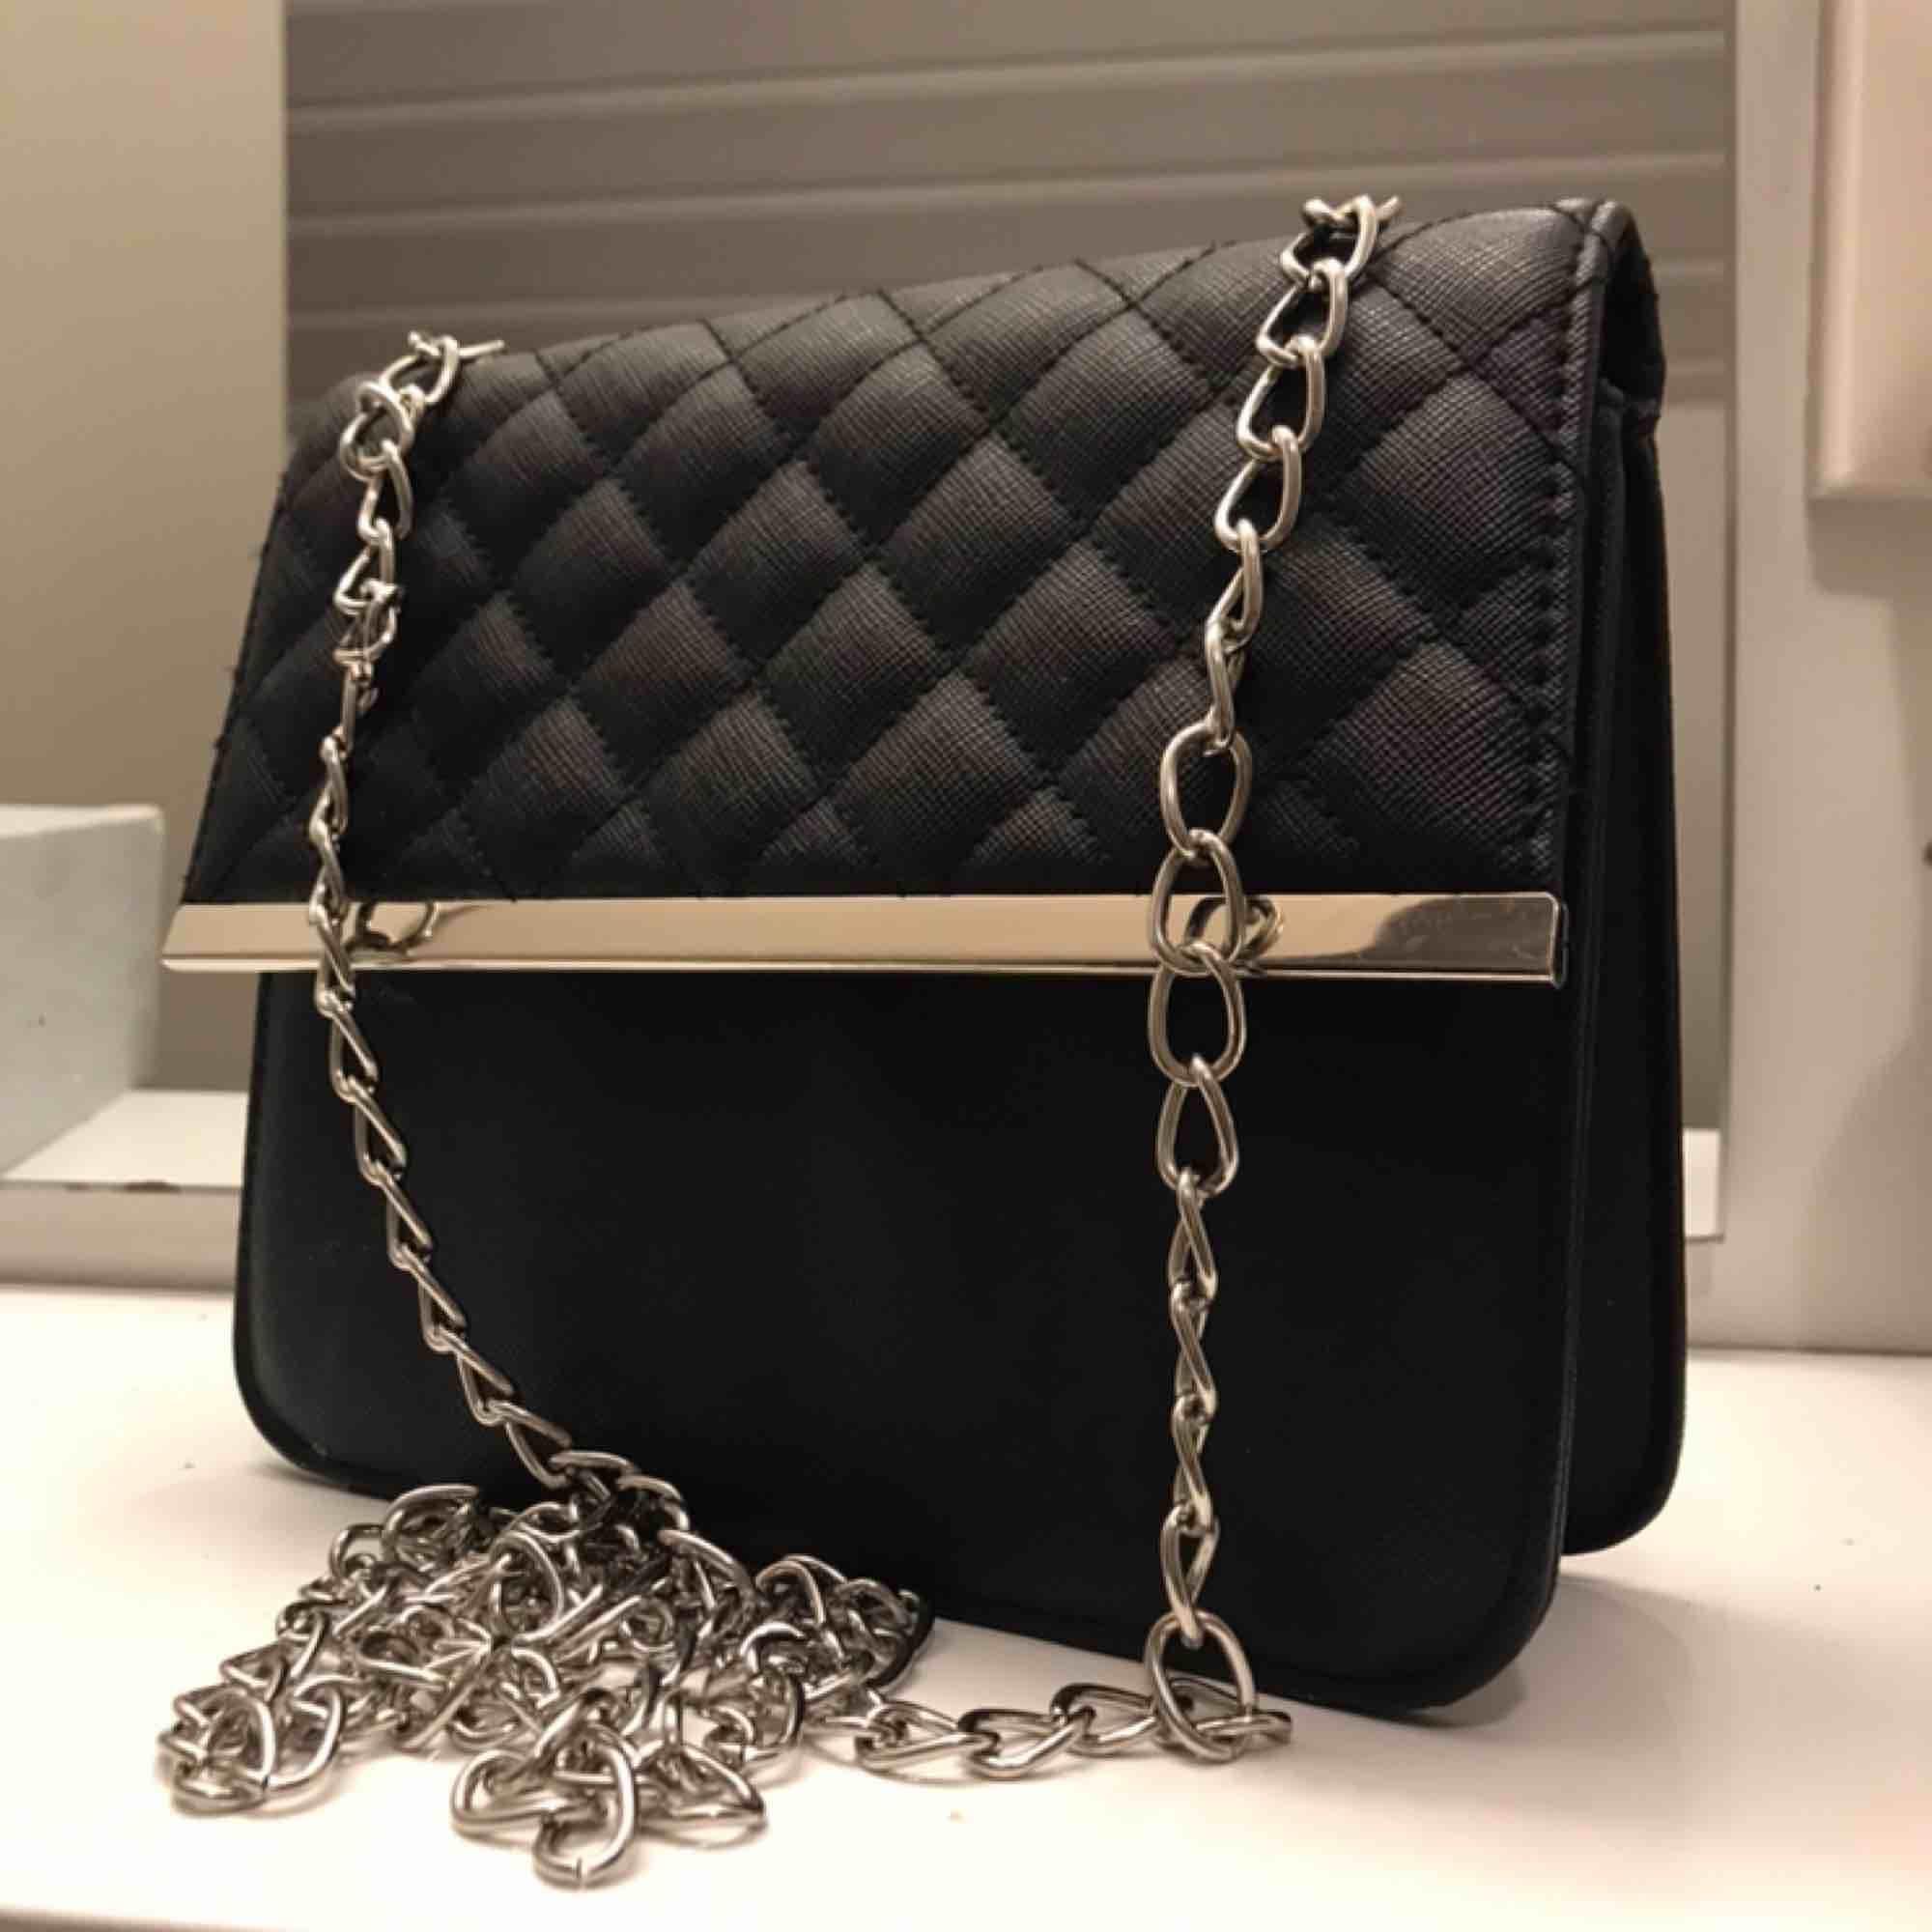 Skitfin liten handväska, går att matcha till ALLT och är jättesmidig💕💕 Säljes eftersom det inte längre är min stil. Den är i fint skick och köpare betalar frakt. Fråga gärna om ni undrar något!!😇😇. Väskor.